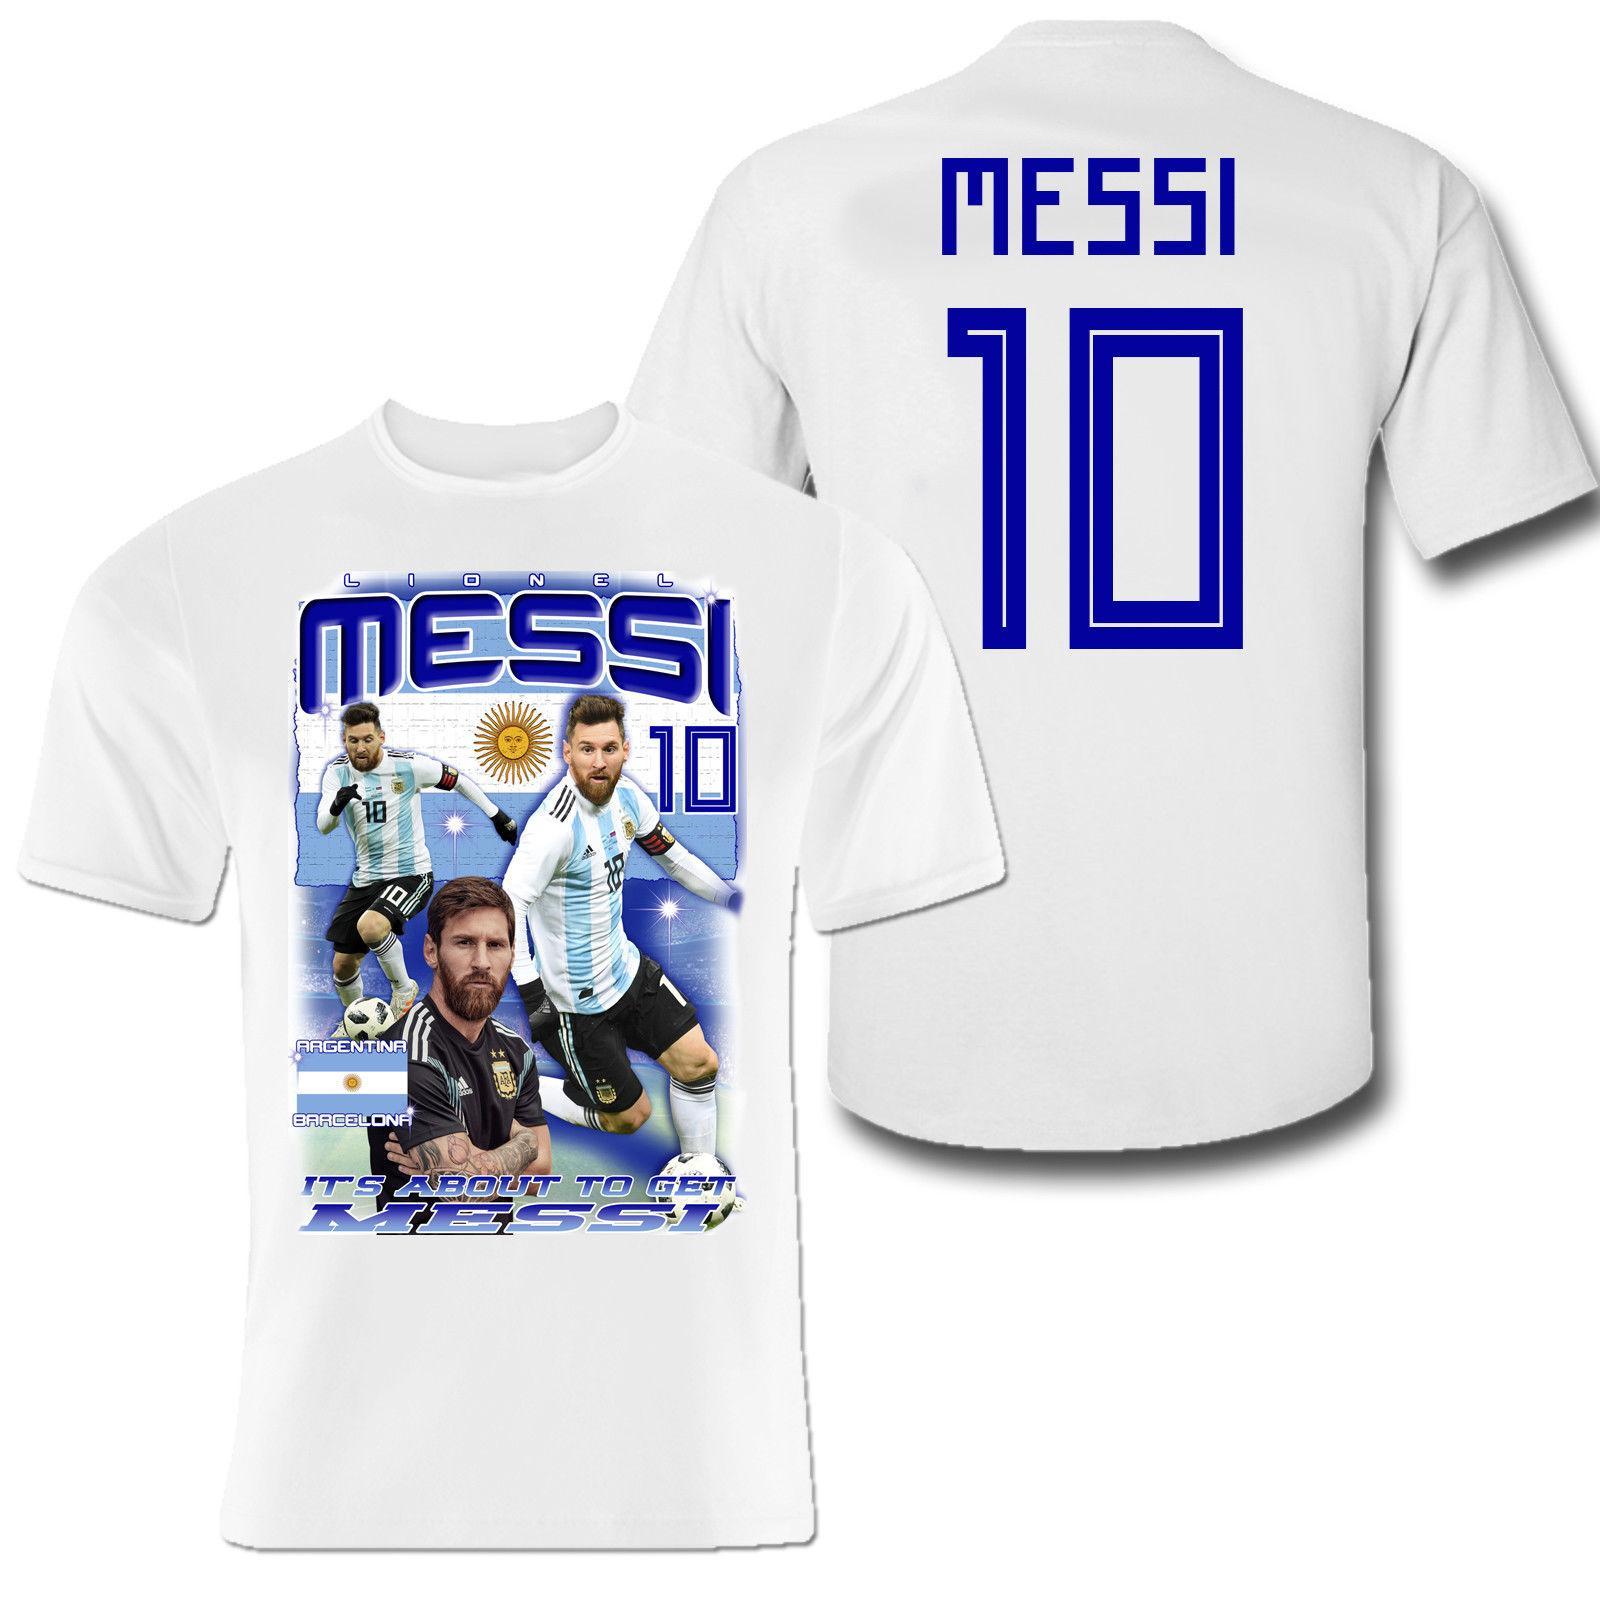 34fd24f6da Compre T Shirt Das Crianças Messi Frente Impressão De Volta Crianças  Argentina Barcelona 2018 Novo Tee Impressão Dos Homens T Shirt Tops Hip Hop  Curto ...